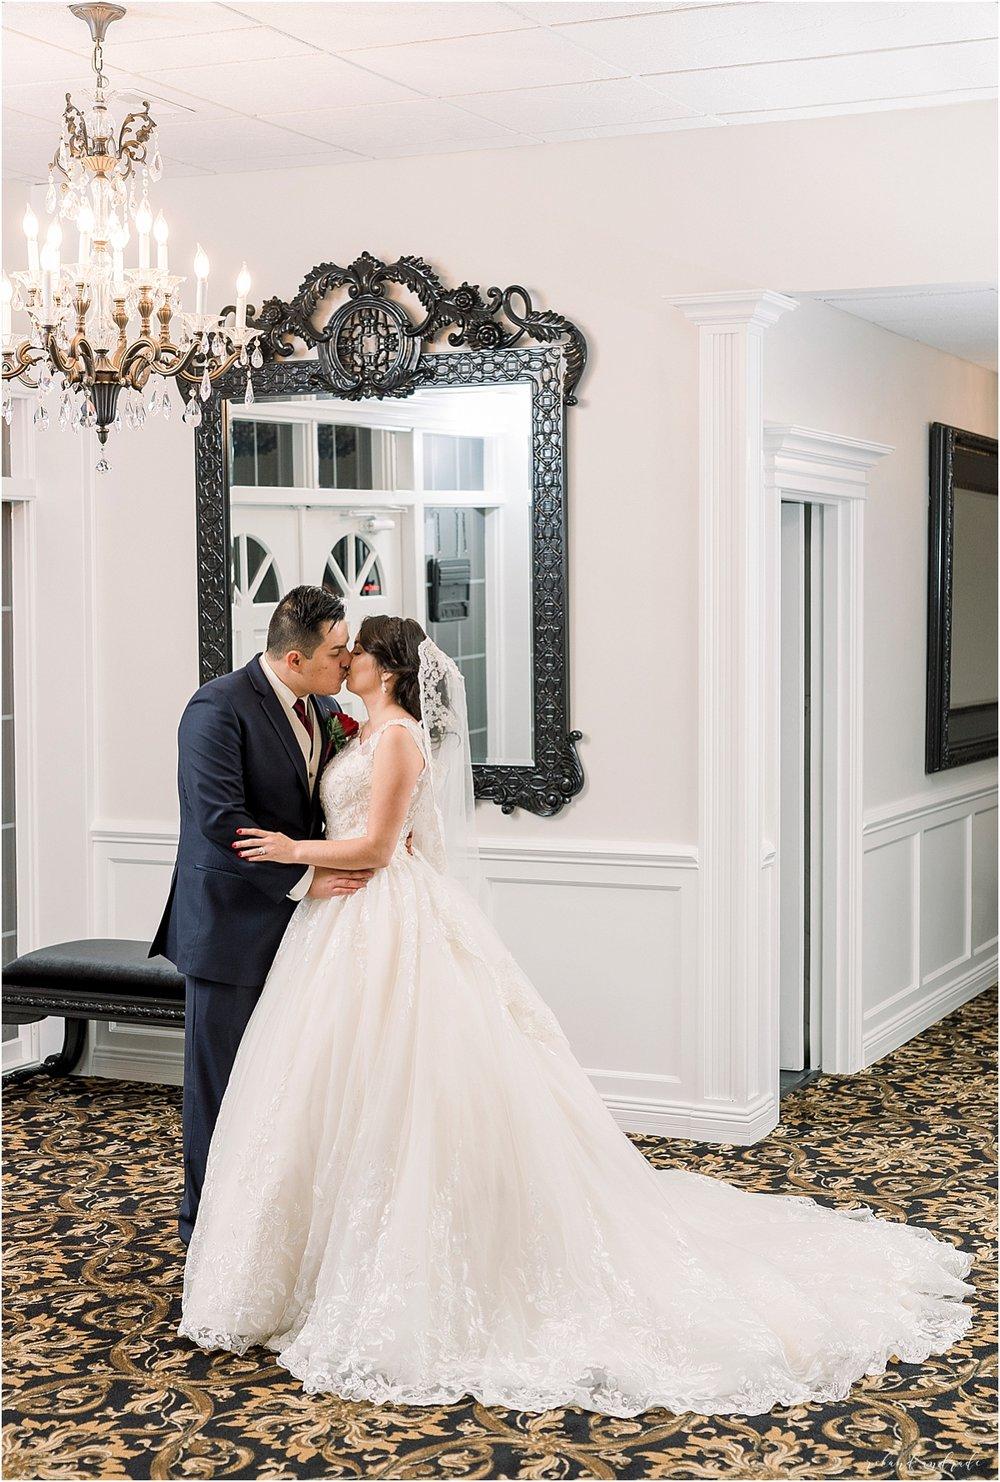 Alpine Banquets Wedding, Chicago Wedding Photographer, Naperville Wedding Photographer, Best Photographer In Aurora, Best Photographer In Chicago_0050.jpg